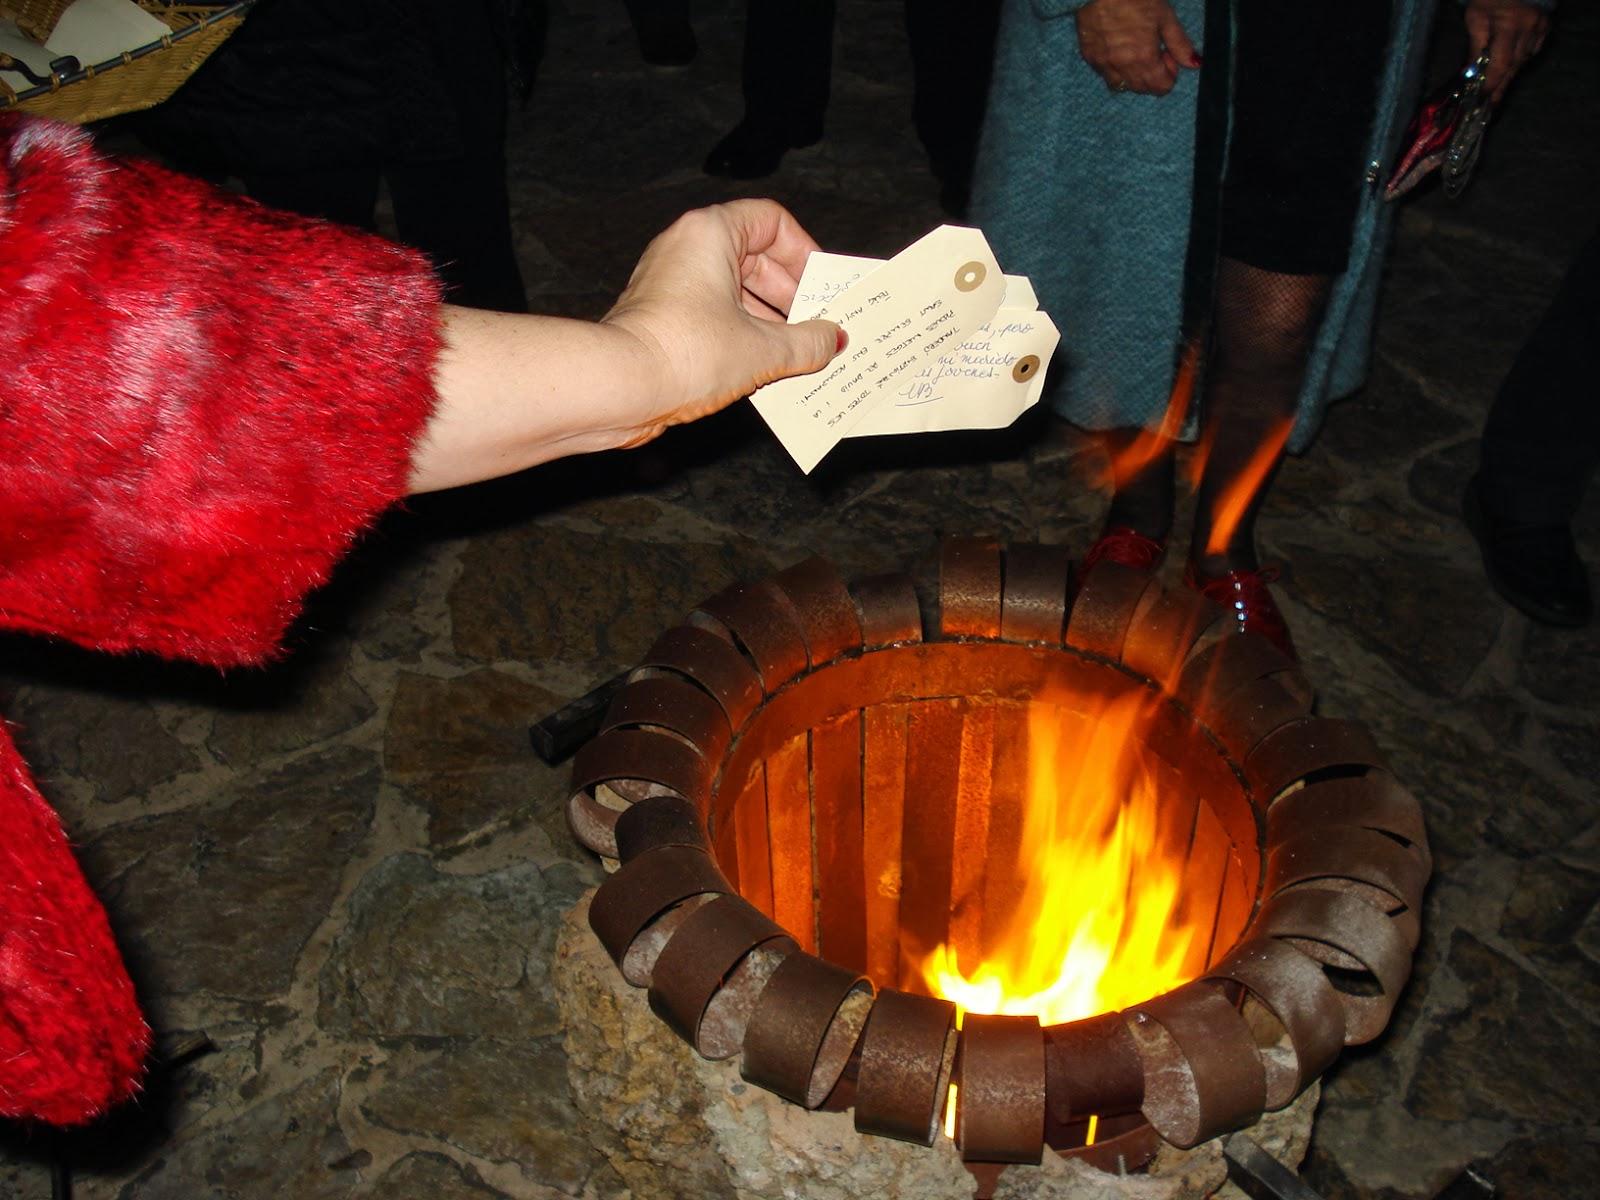 Rito del fuego y el deseo